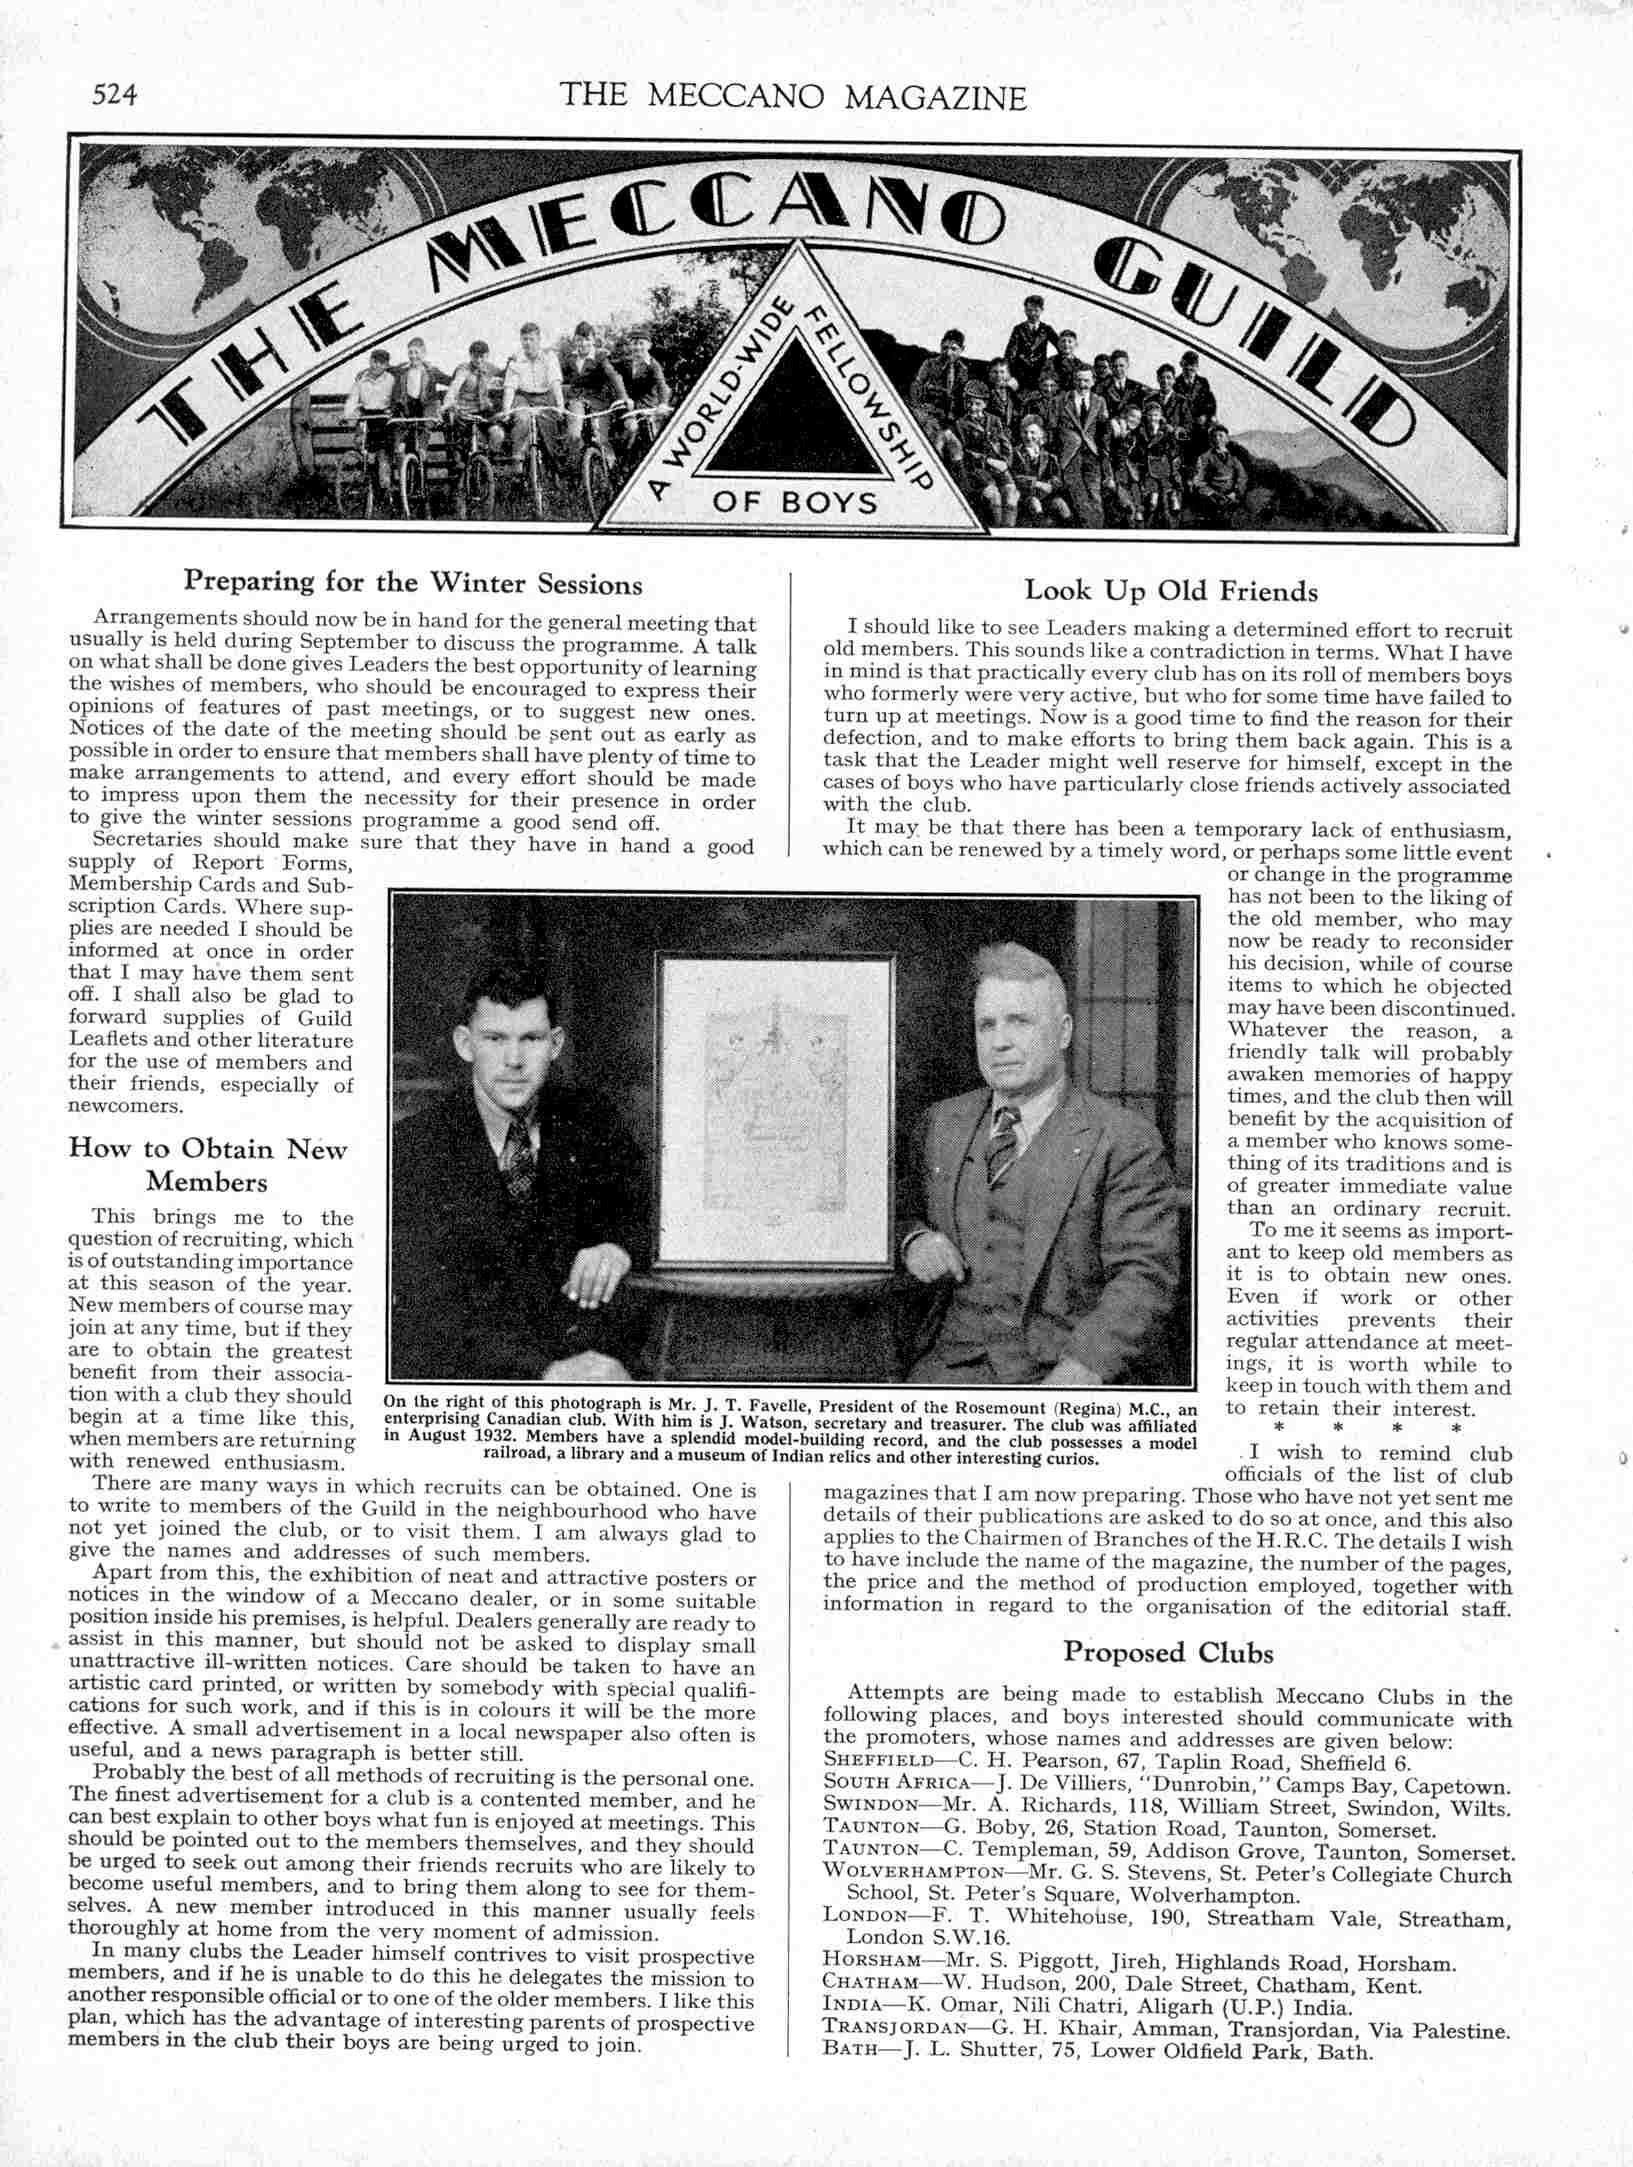 UK Meccano Magazine September 1938 Page 524